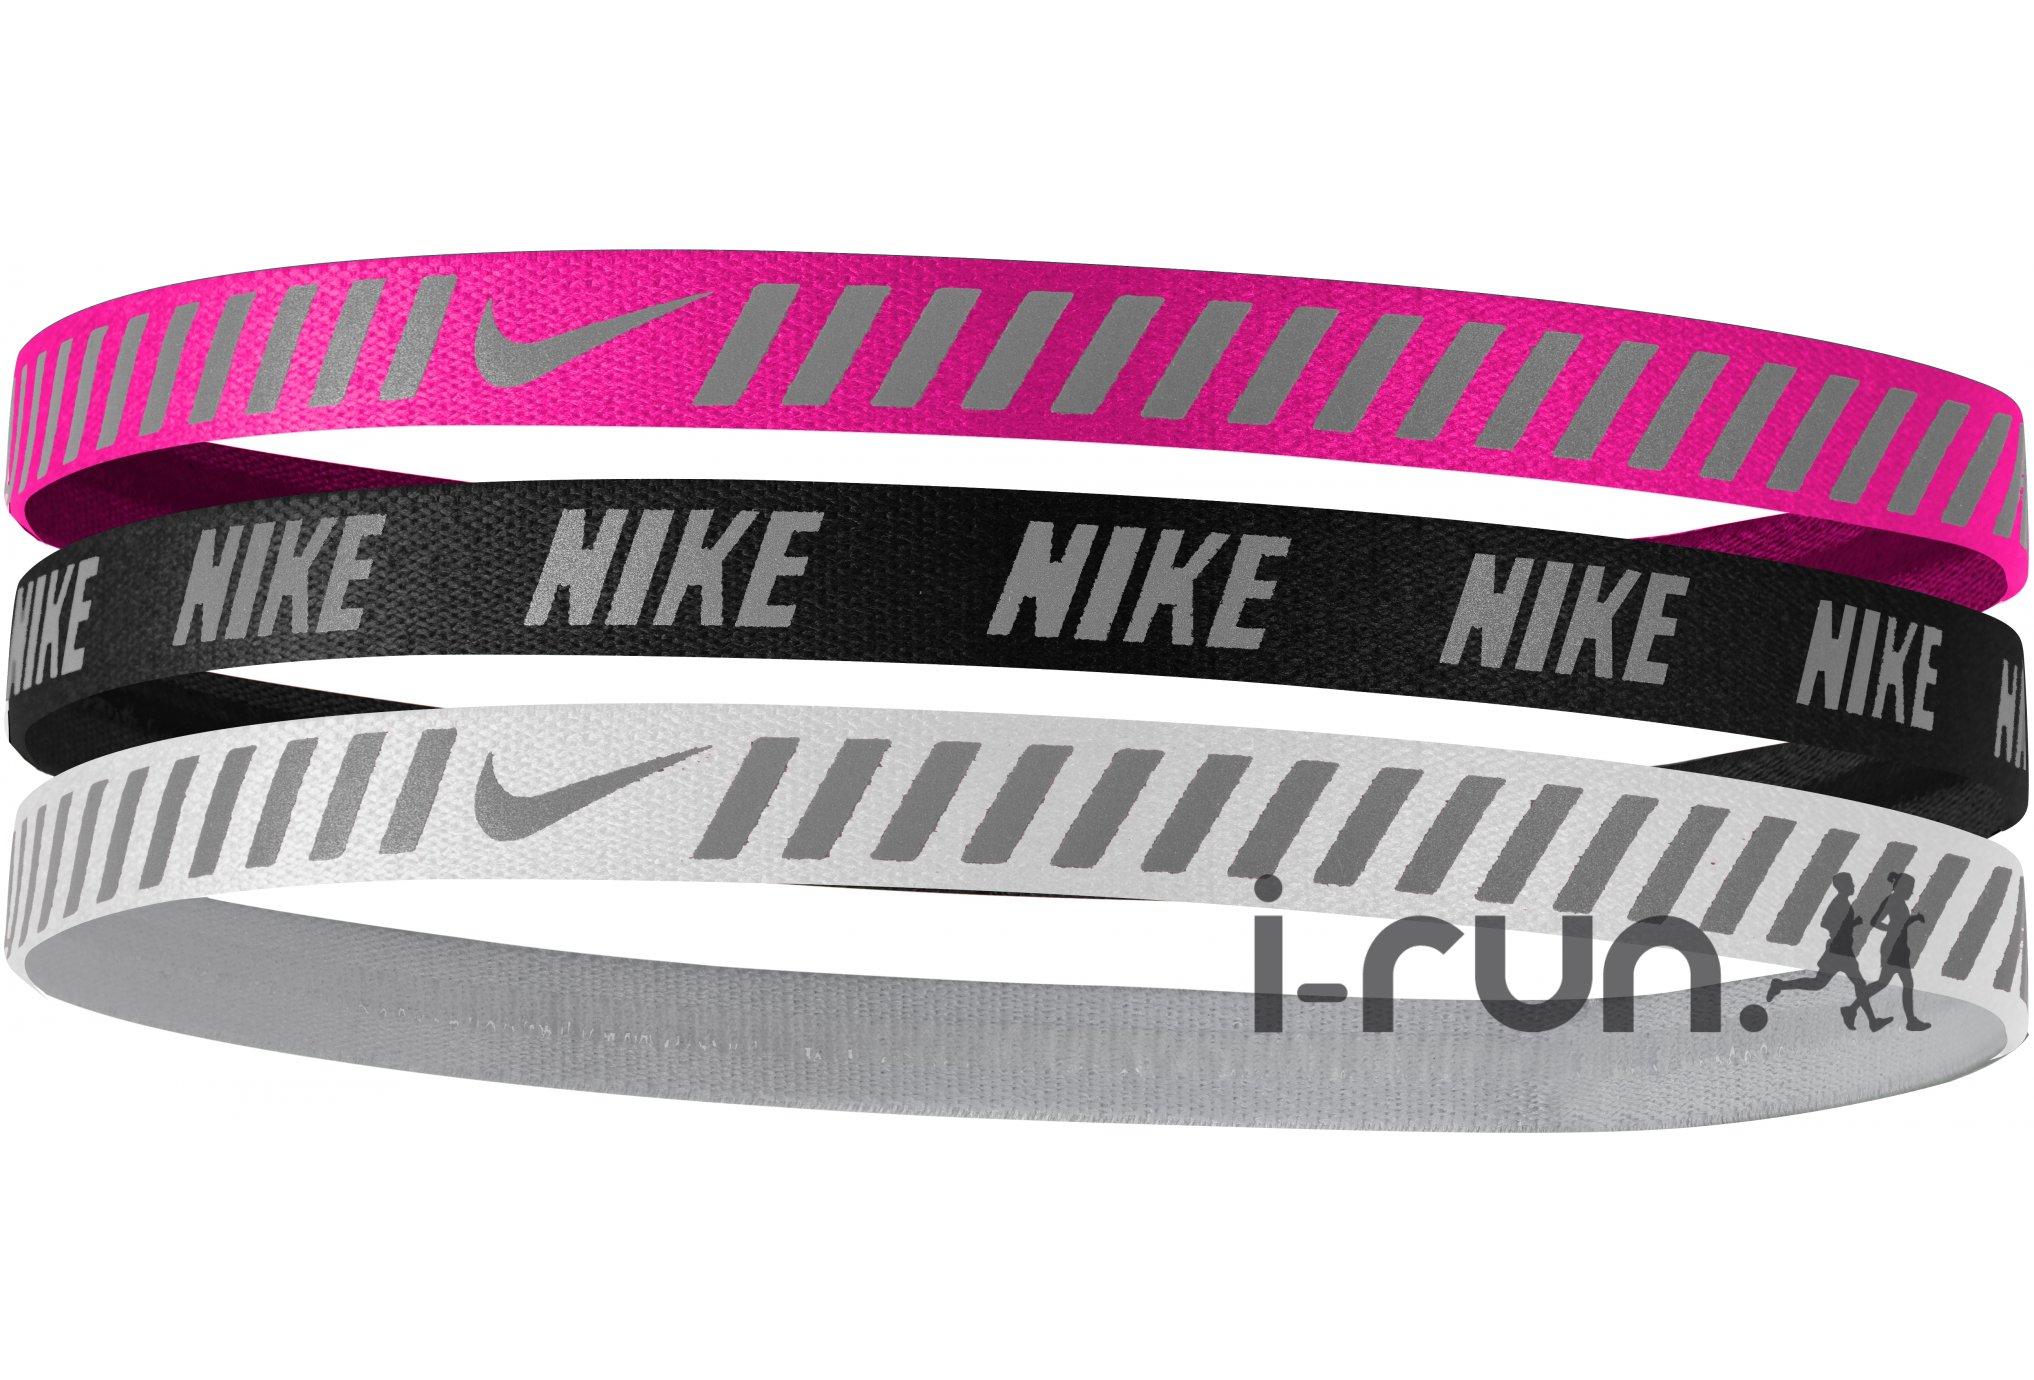 Nike Elastiques Hairband x3 Diététique Accessoires